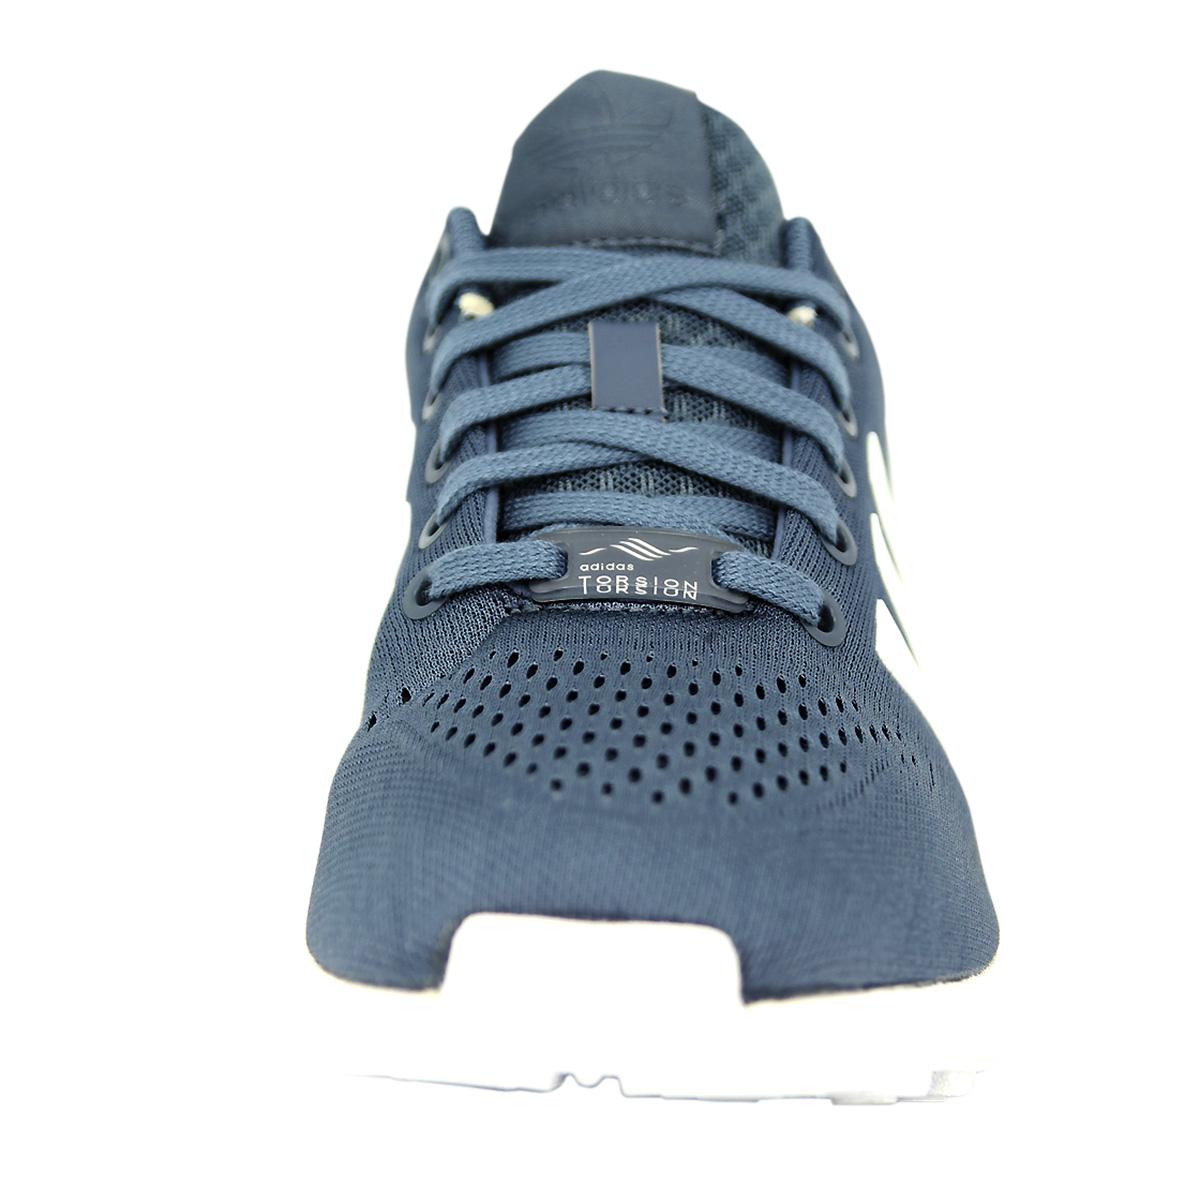 Adidas Originals EM ZX FLUX EM Originals Azul Hombres Tenis Zapatos fa1b83